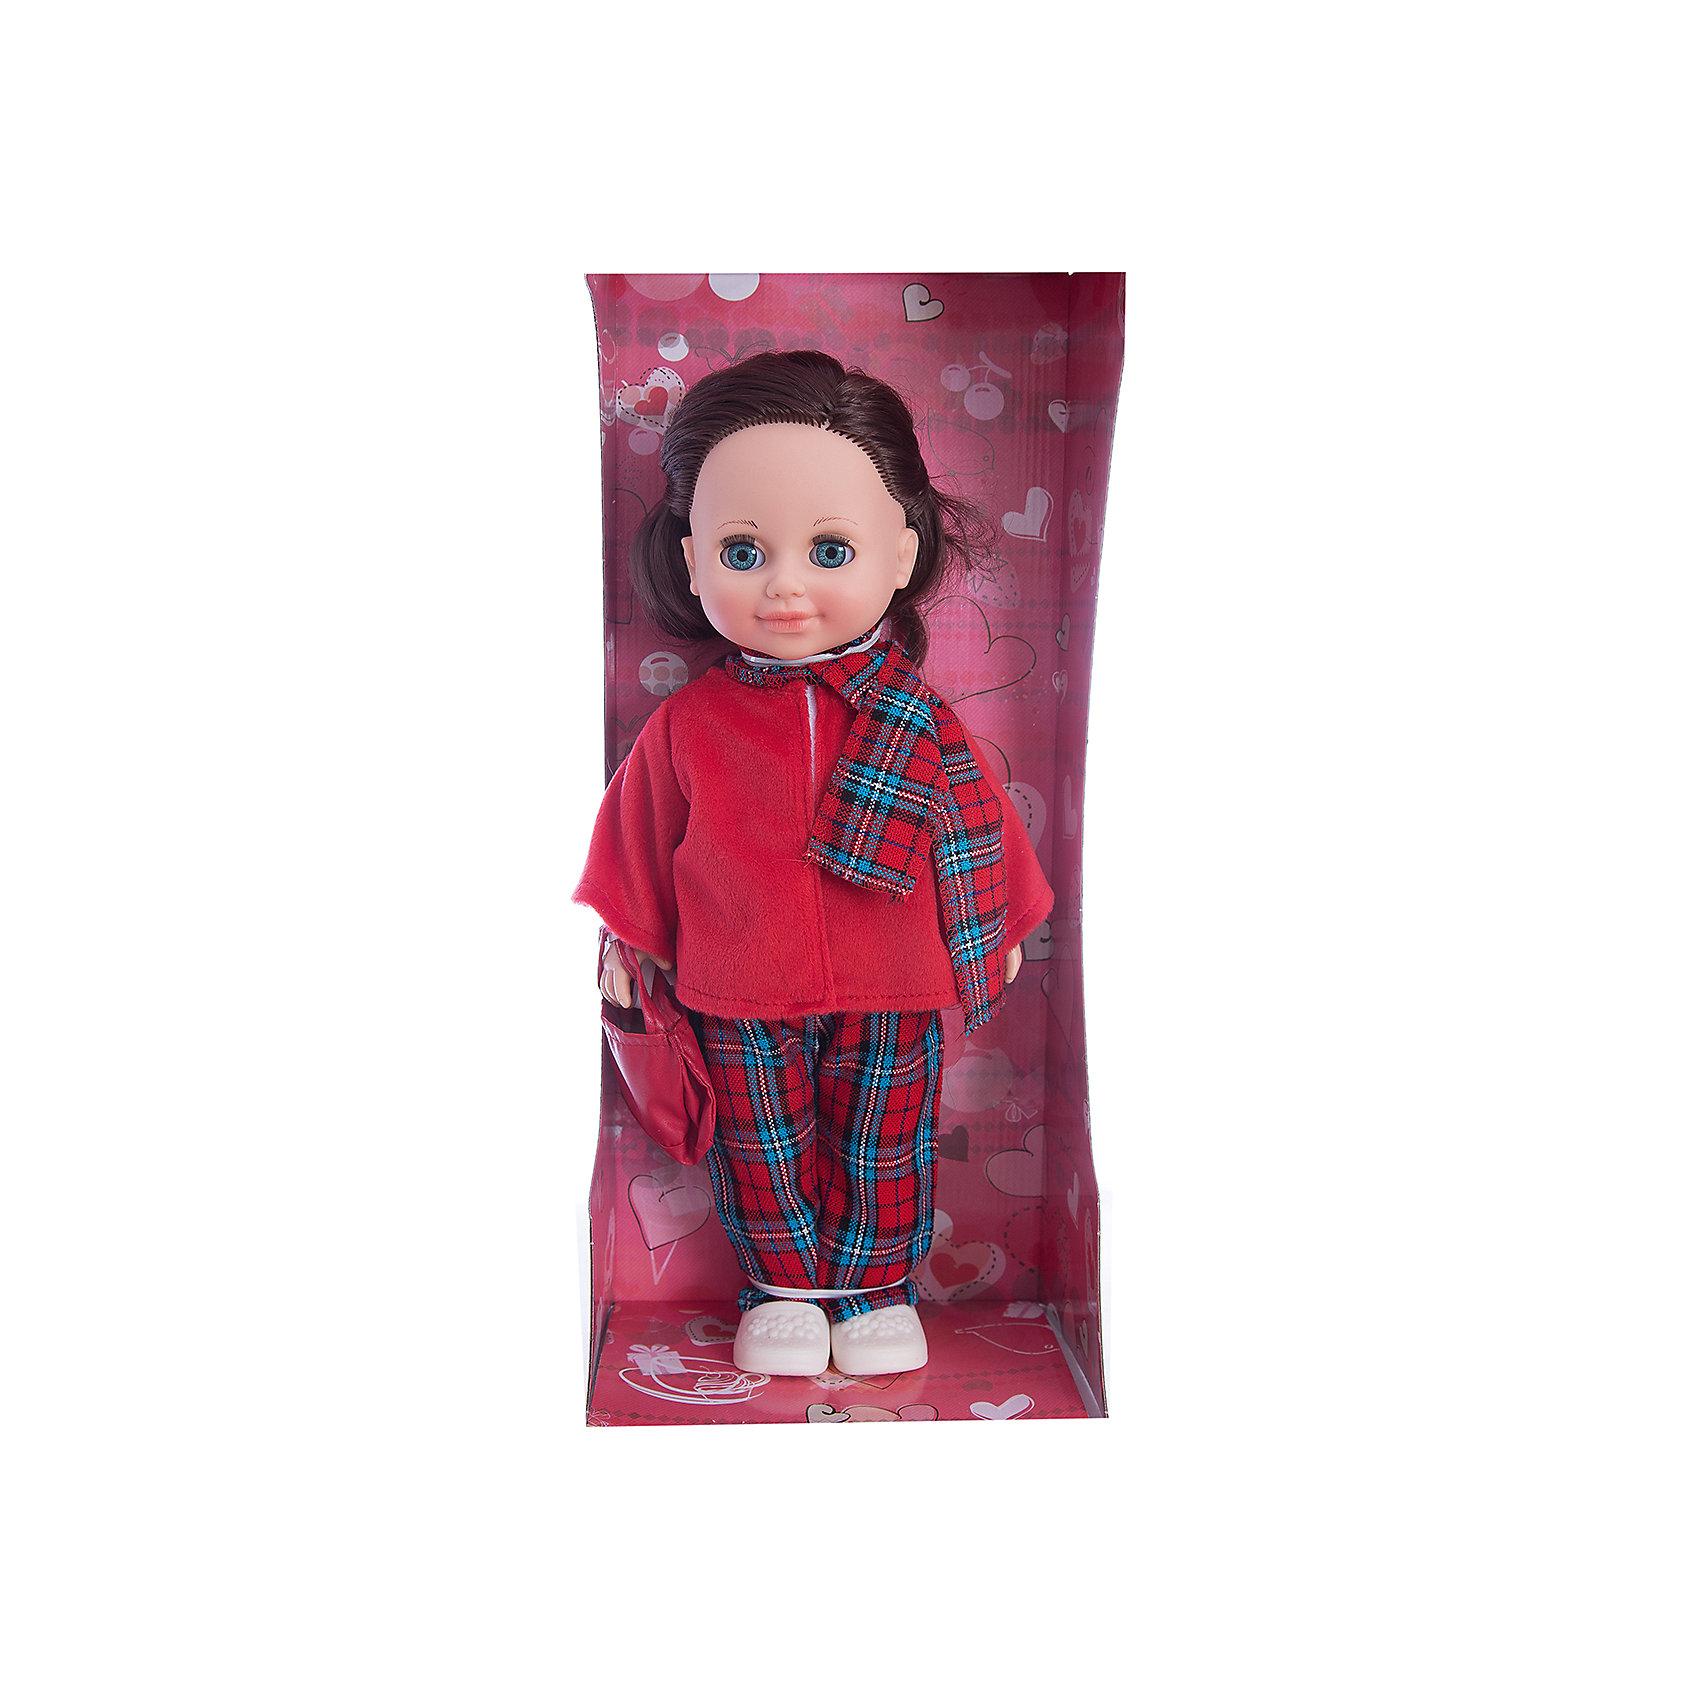 Весна Кукла Анна 12, со звуком, Весна кукла весна инна в куртке со звуком 43 см